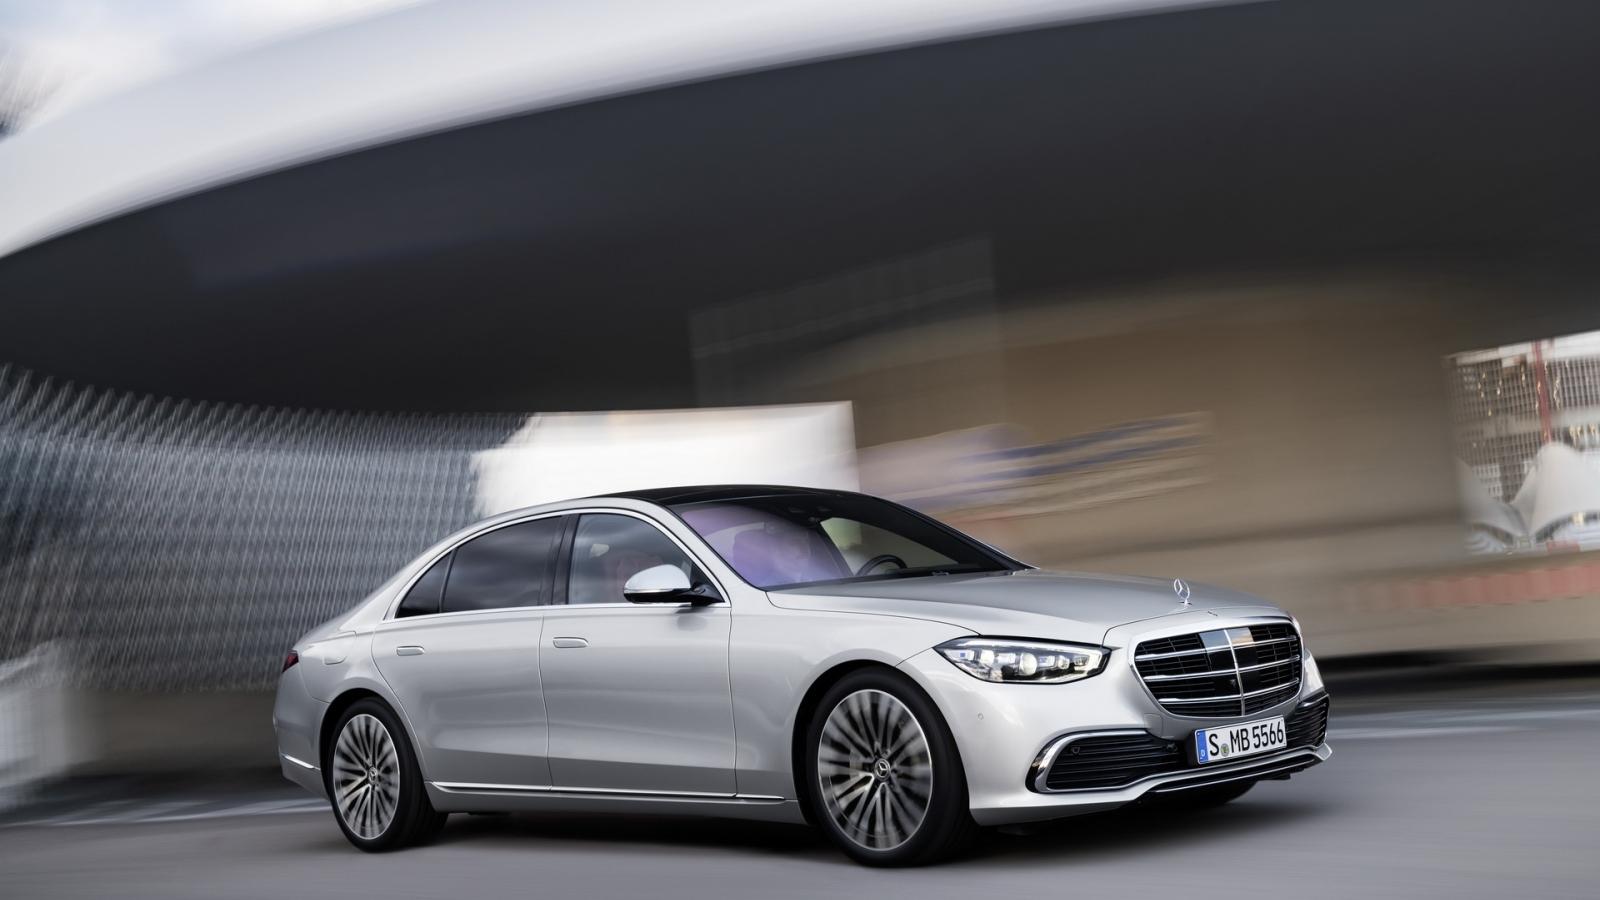 Mercedes-Benz xin lỗi khách phải vì phải triệu hồi xe S-Class thế hệ mới